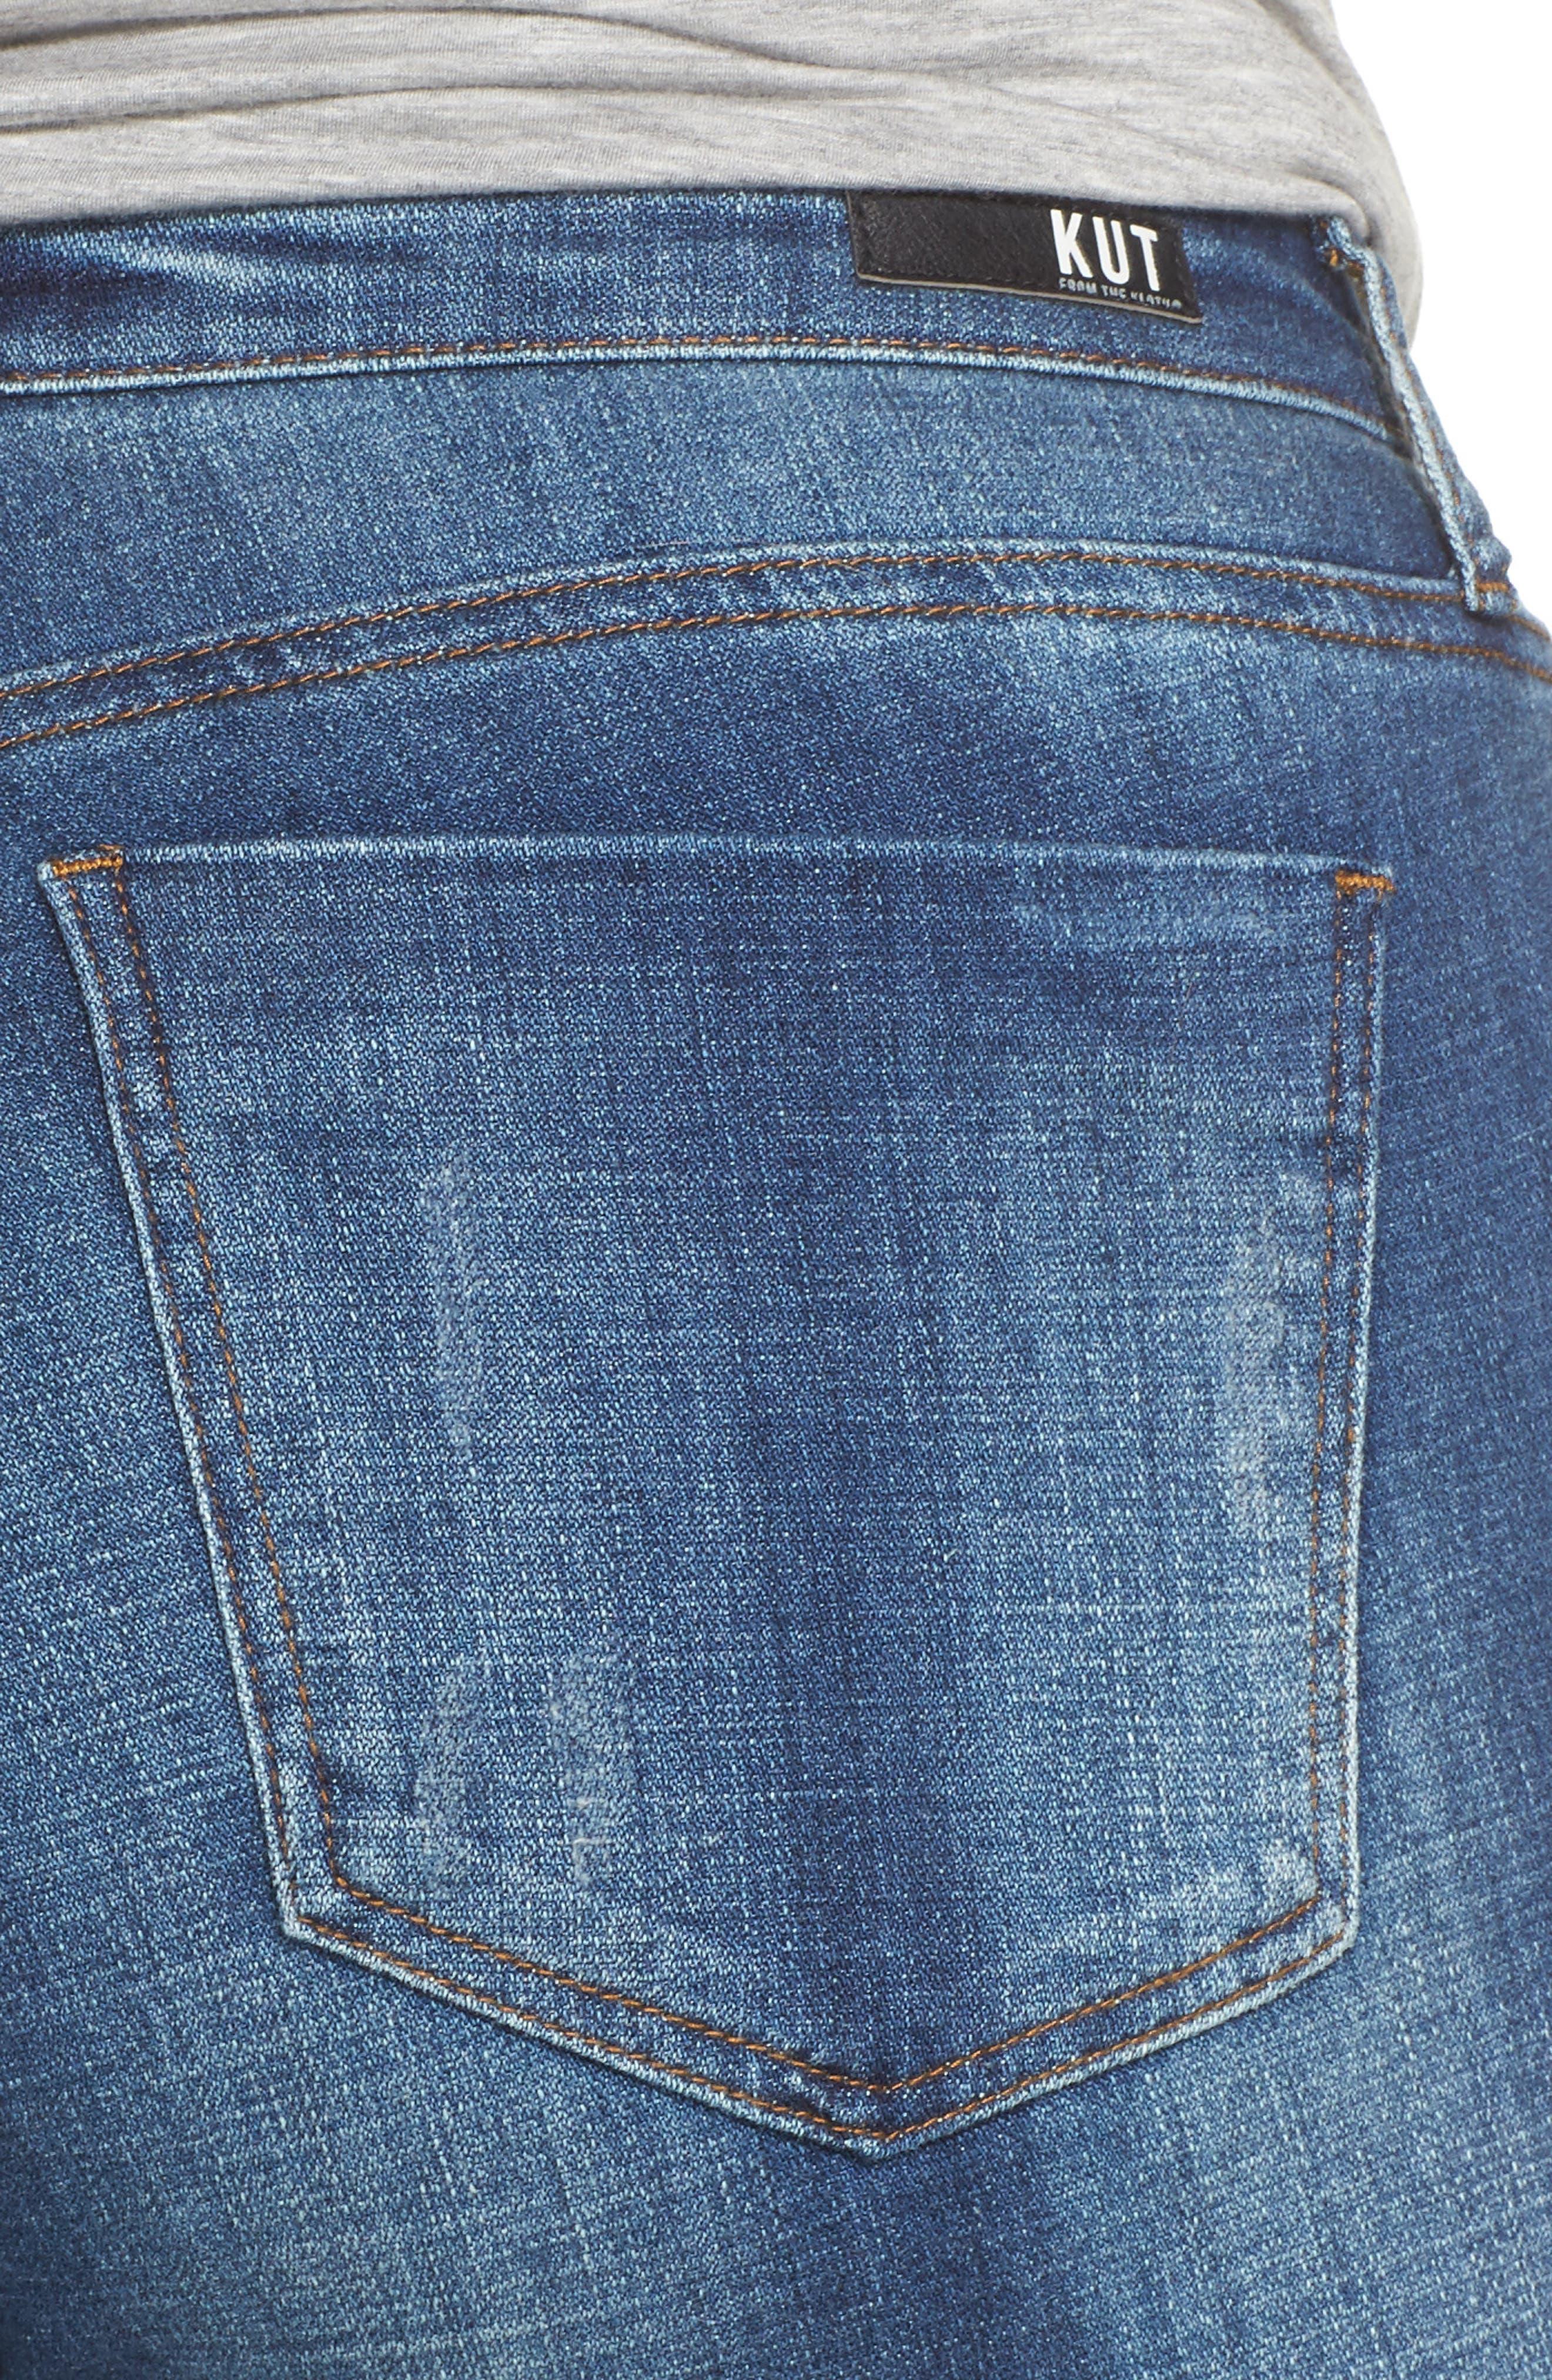 Lauren Crop Jeans,                             Alternate thumbnail 4, color,                             Entrusted